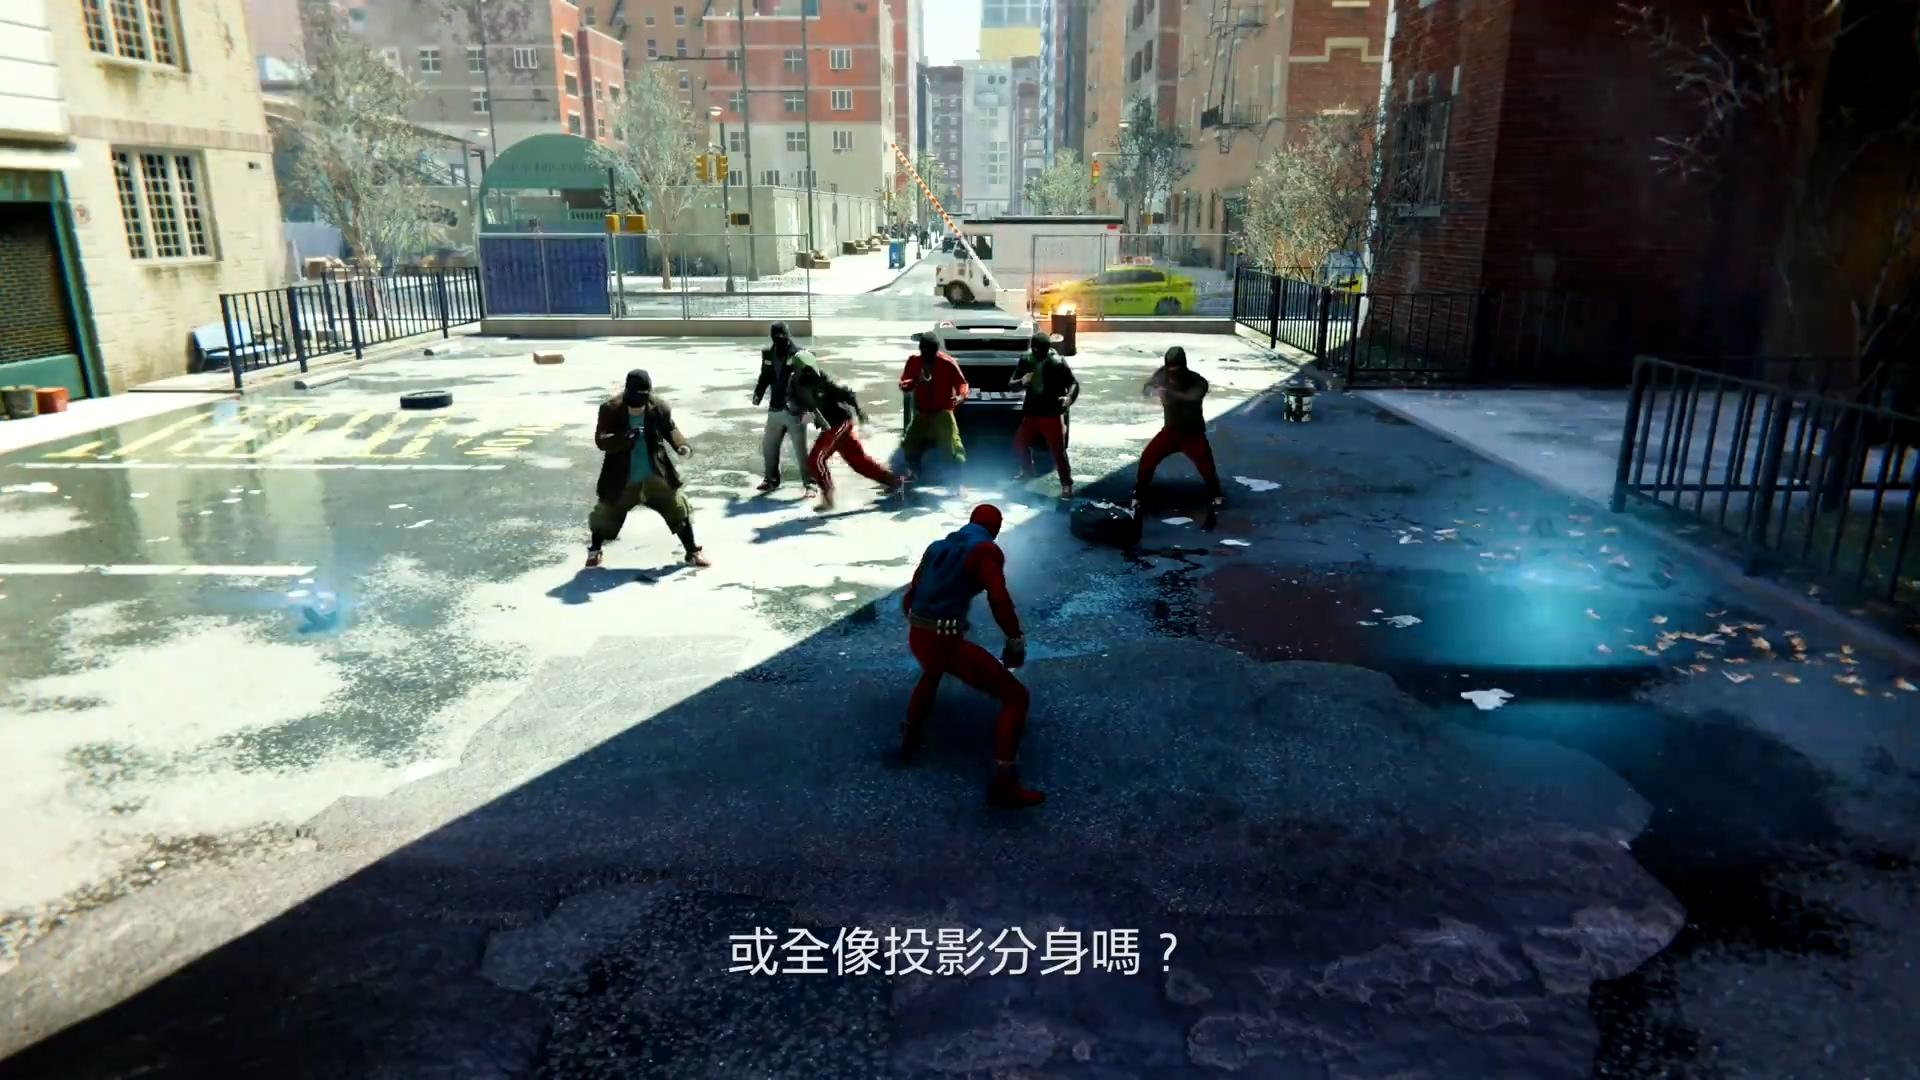 《蜘蛛侠》中文版宣传片第二弹 蜘蛛侠技能和装备曝光